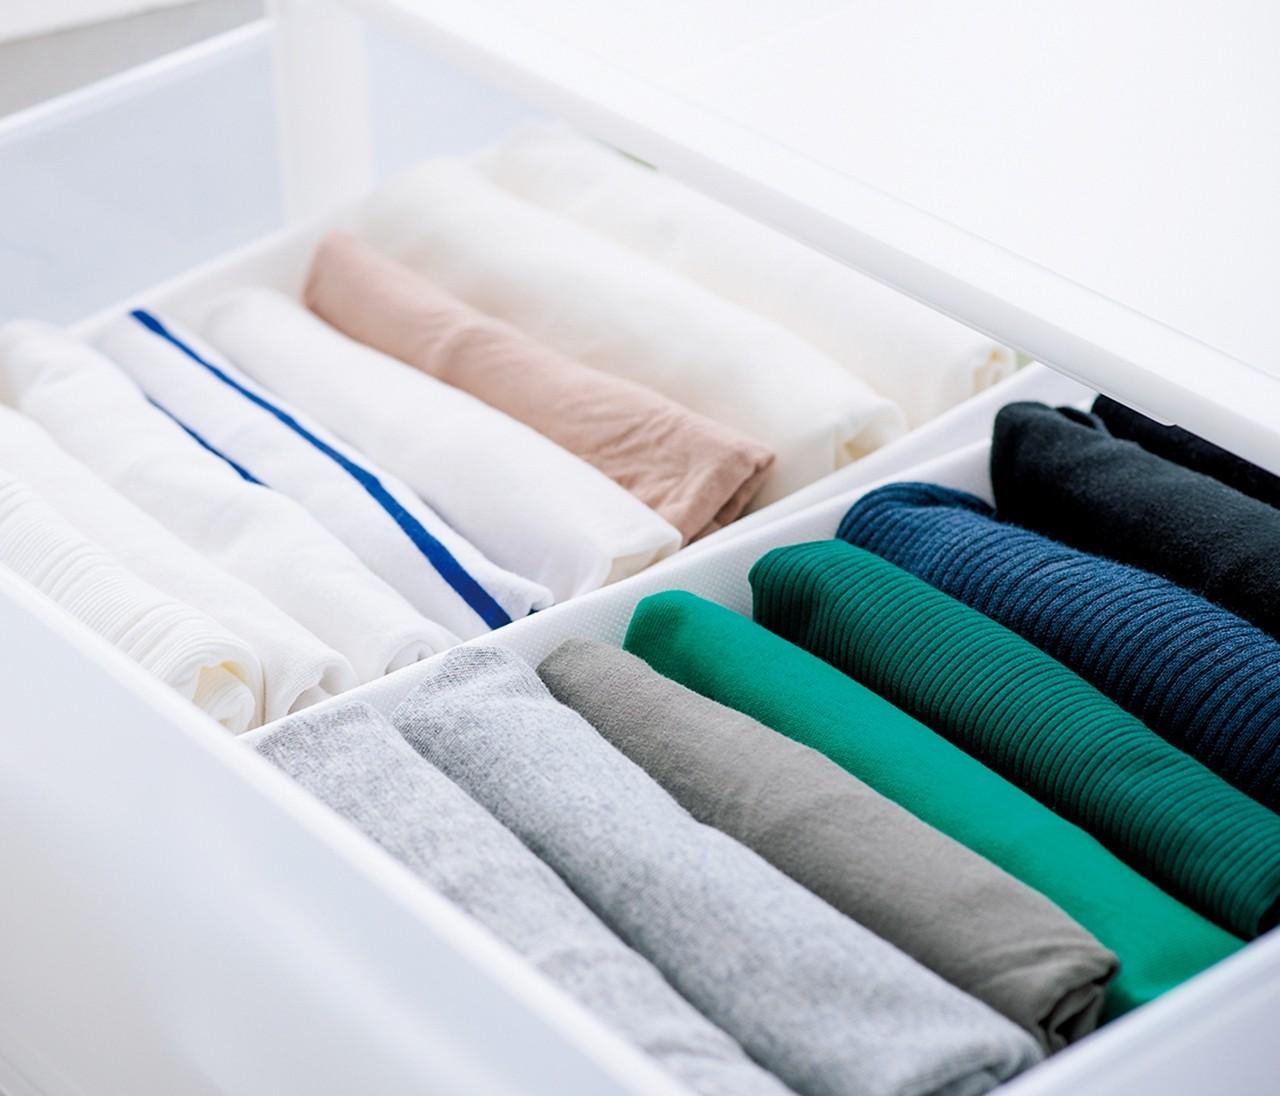 【開運収納の極意】<たたむ&かける>服の正しい収納方法とは?